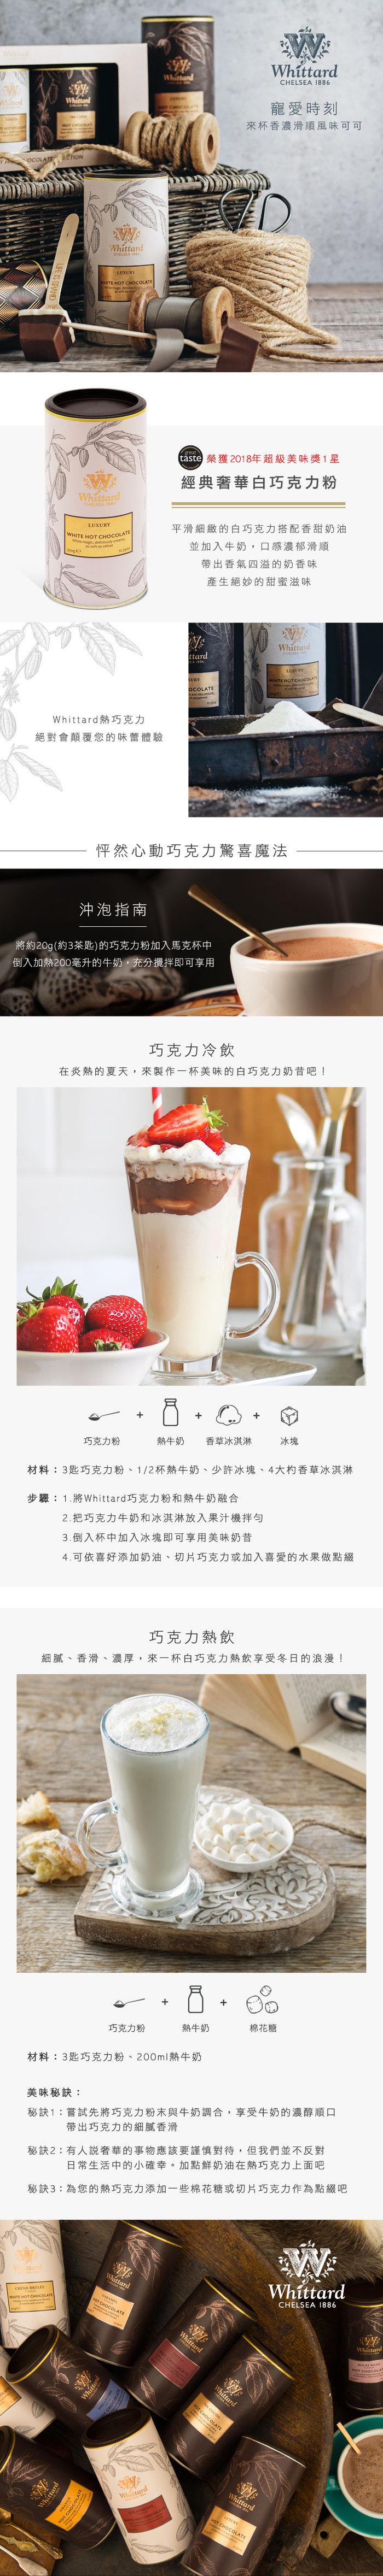 (複製)Whittard | 焦糖風味巧克力粉